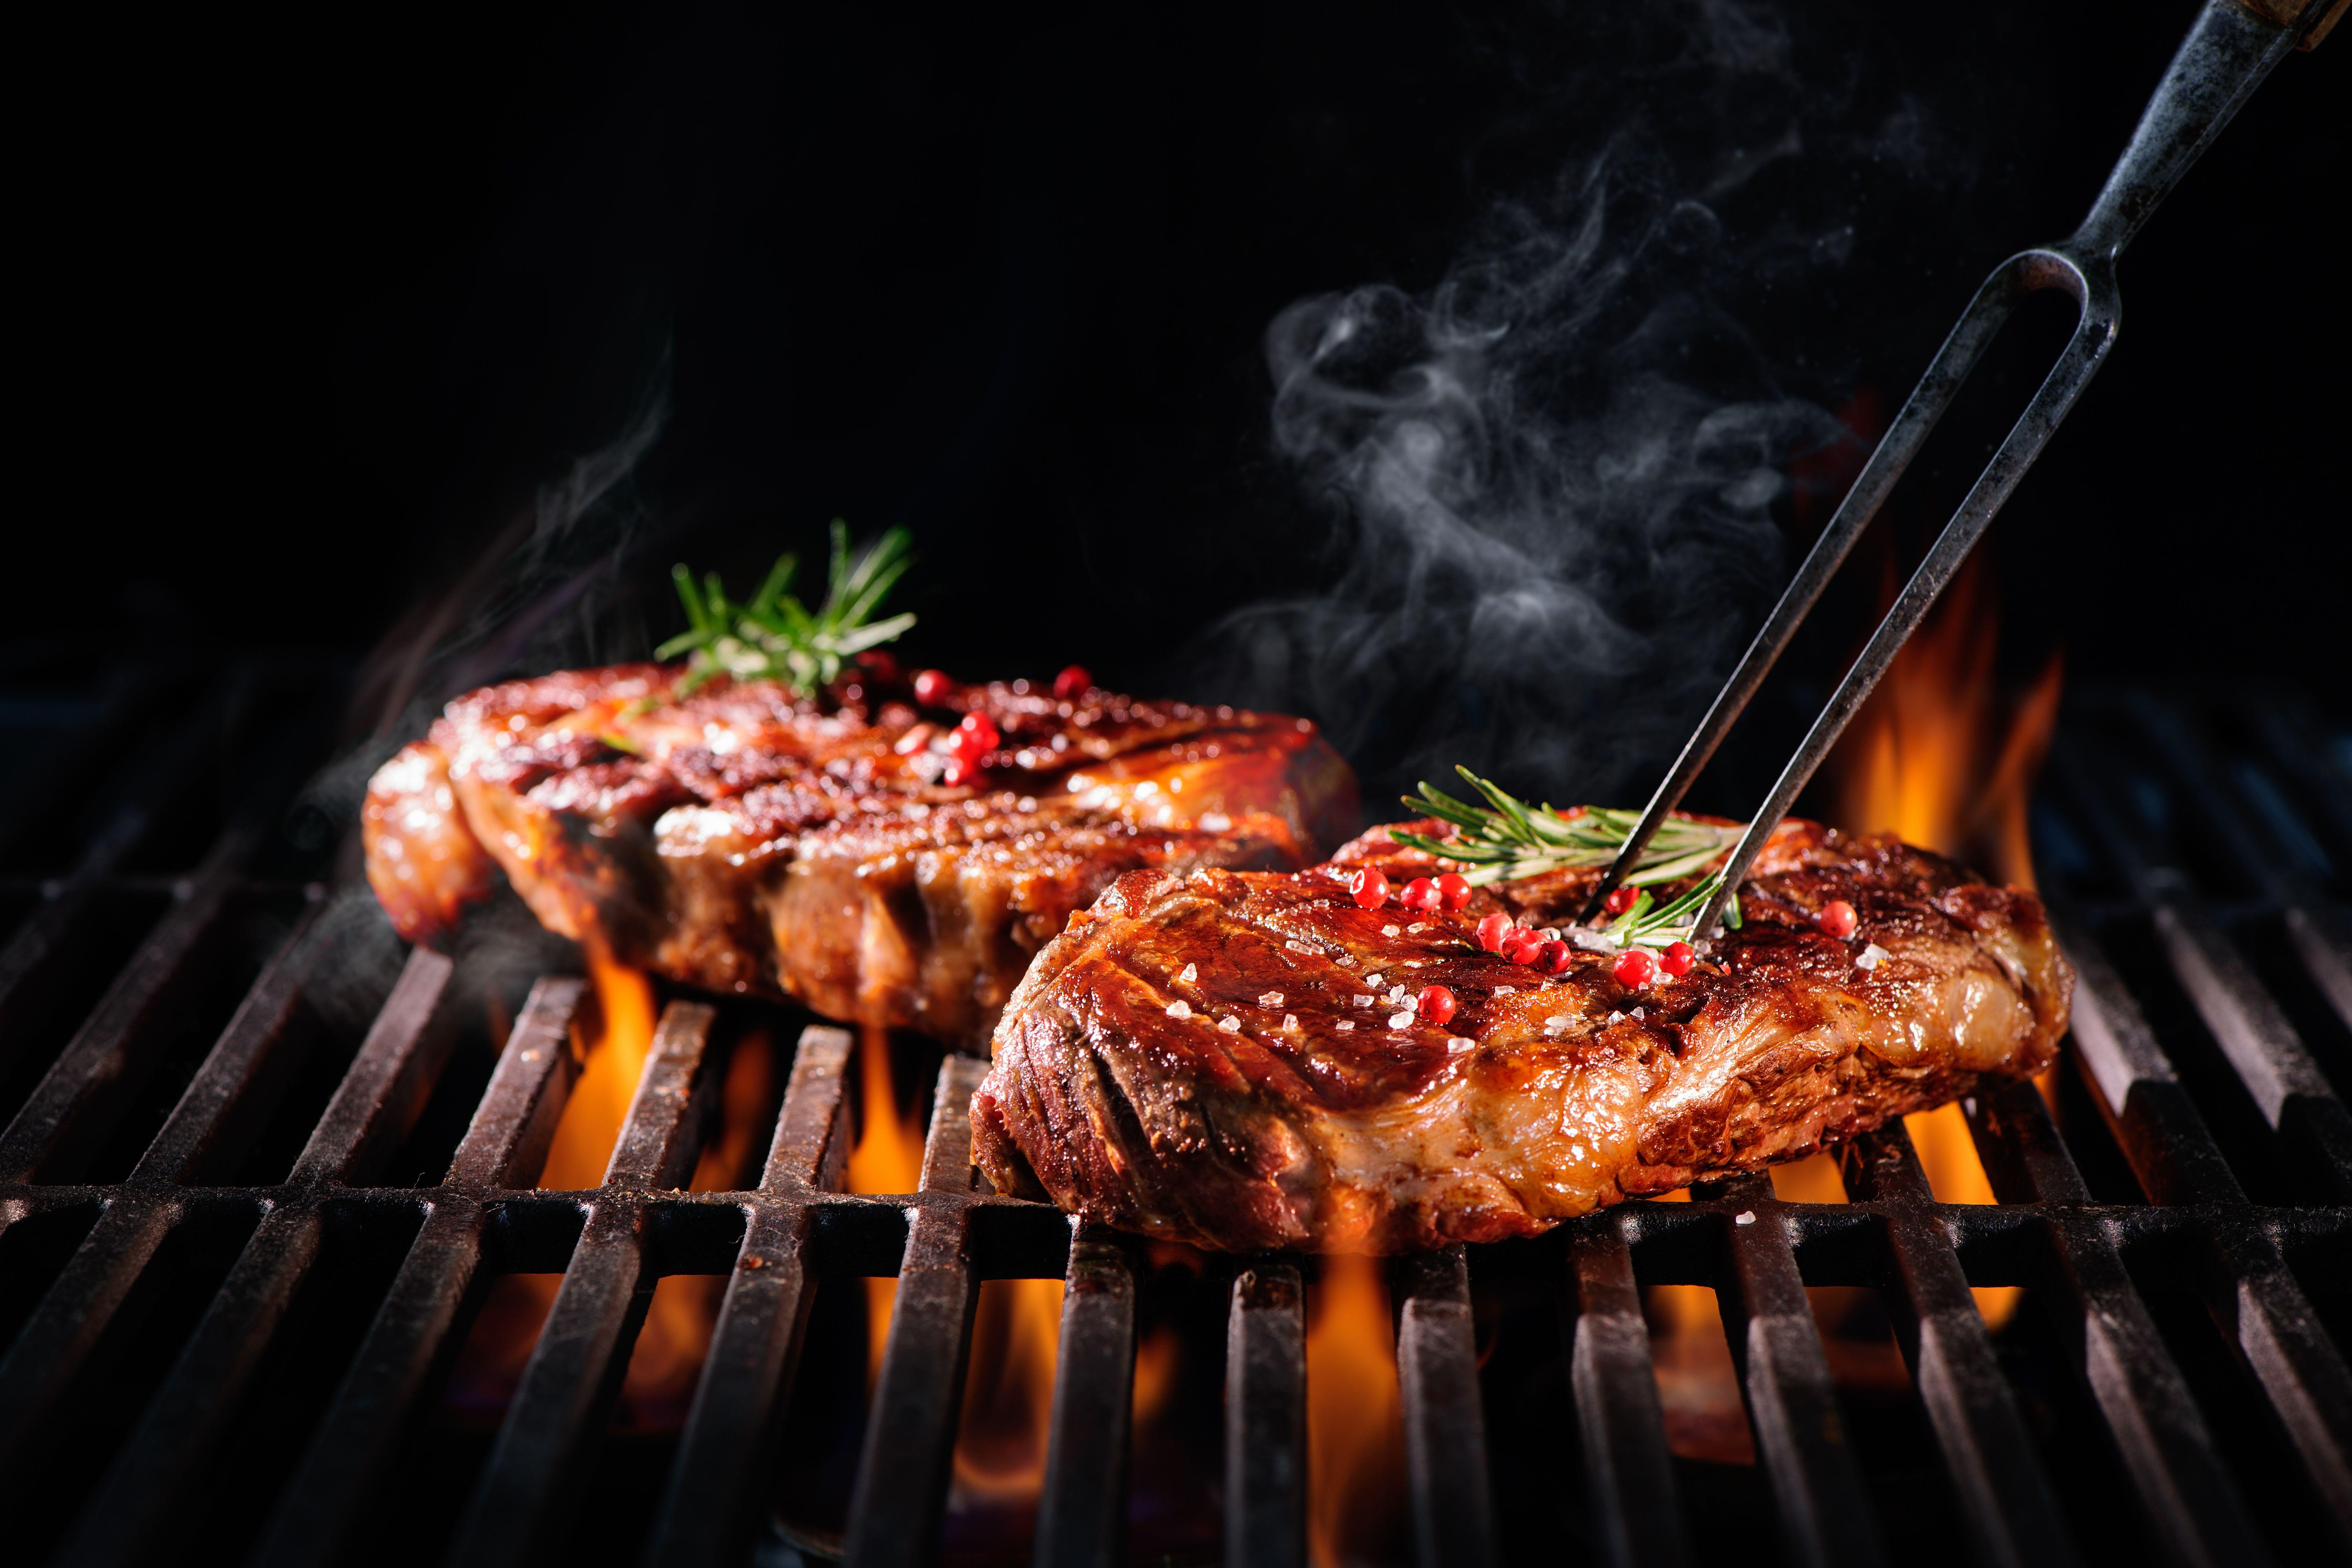 Restaurante de carnes a la brasa en Madrigueras